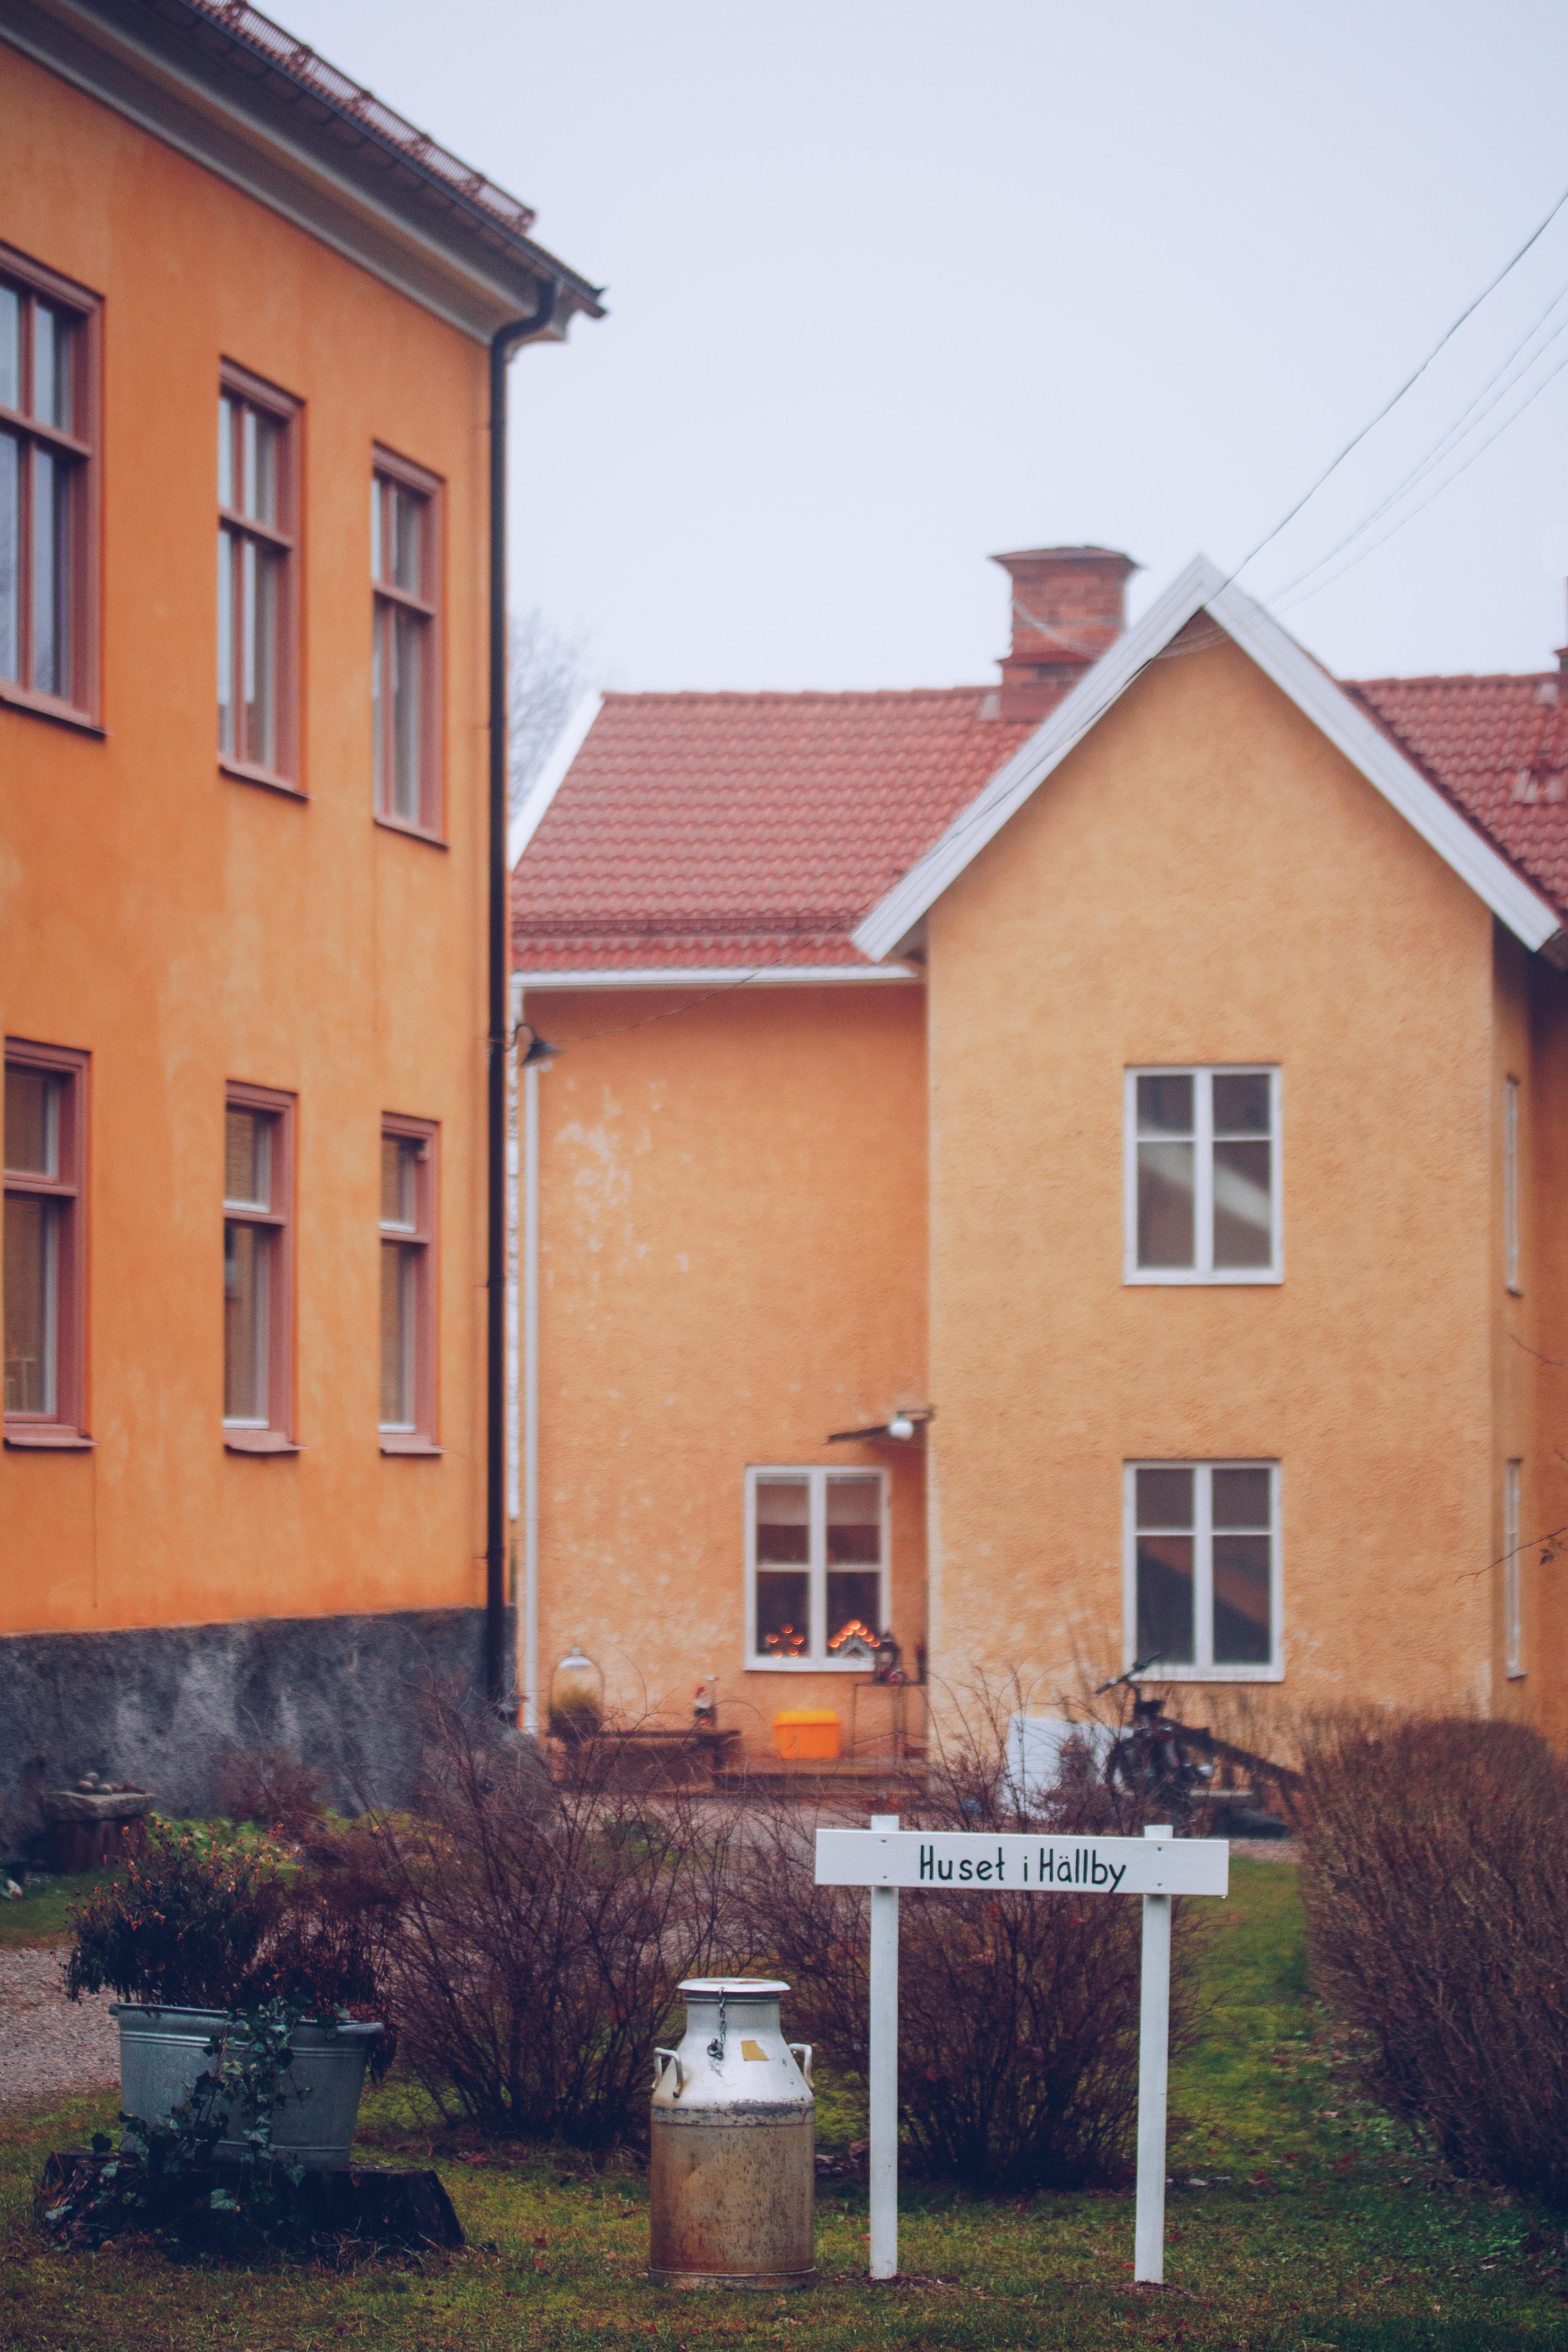 Huset i Hälby loppis Eskilstuna - reaktionista.se